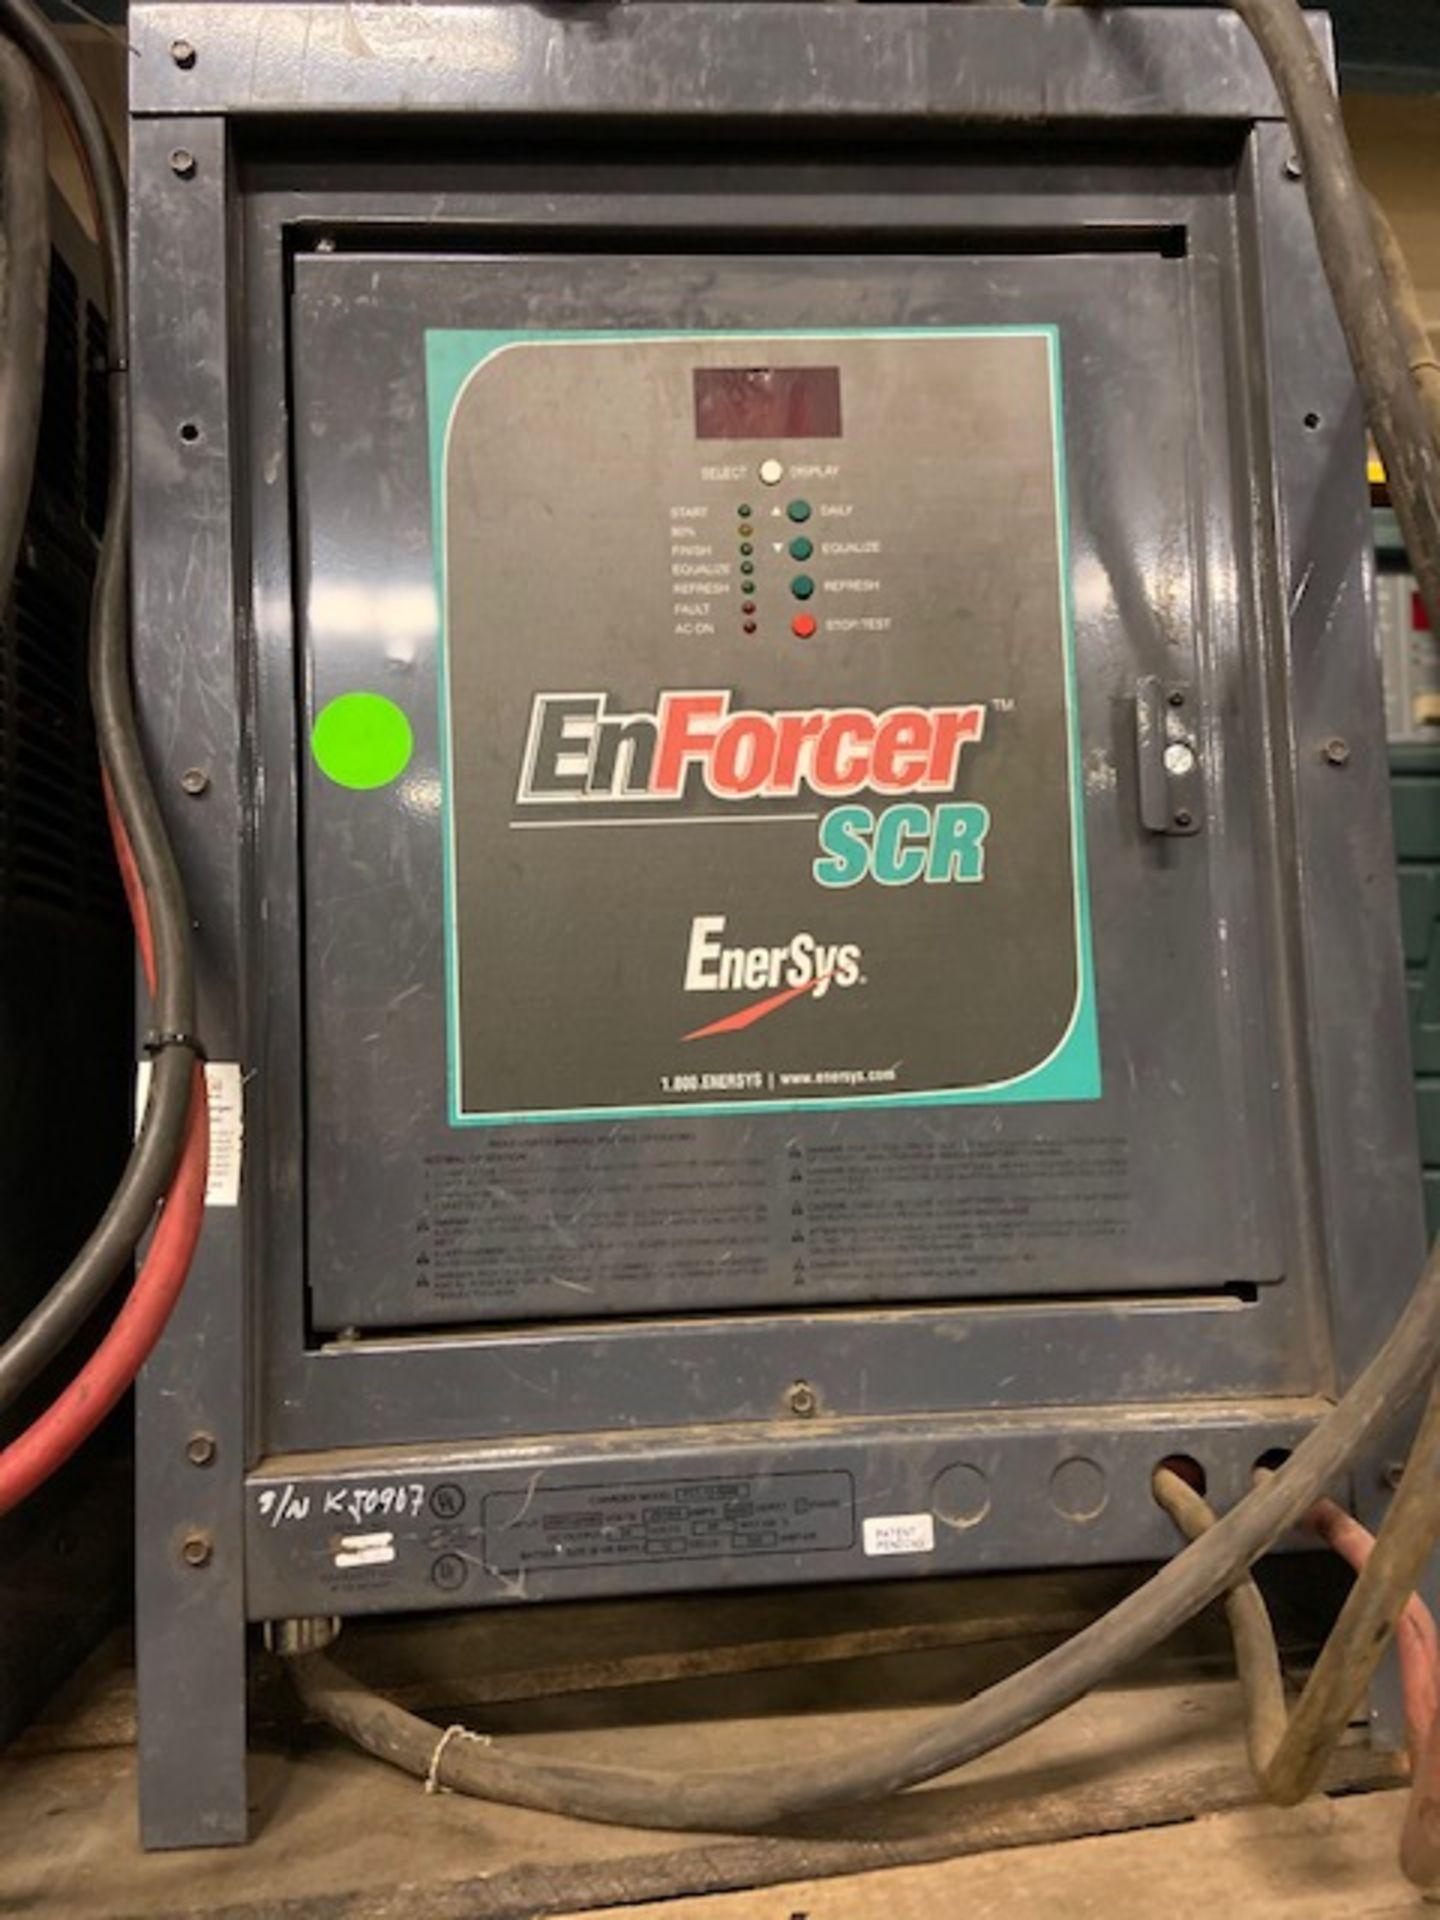 Enersys EnForcer 24V battery charger model ES1-12-550B